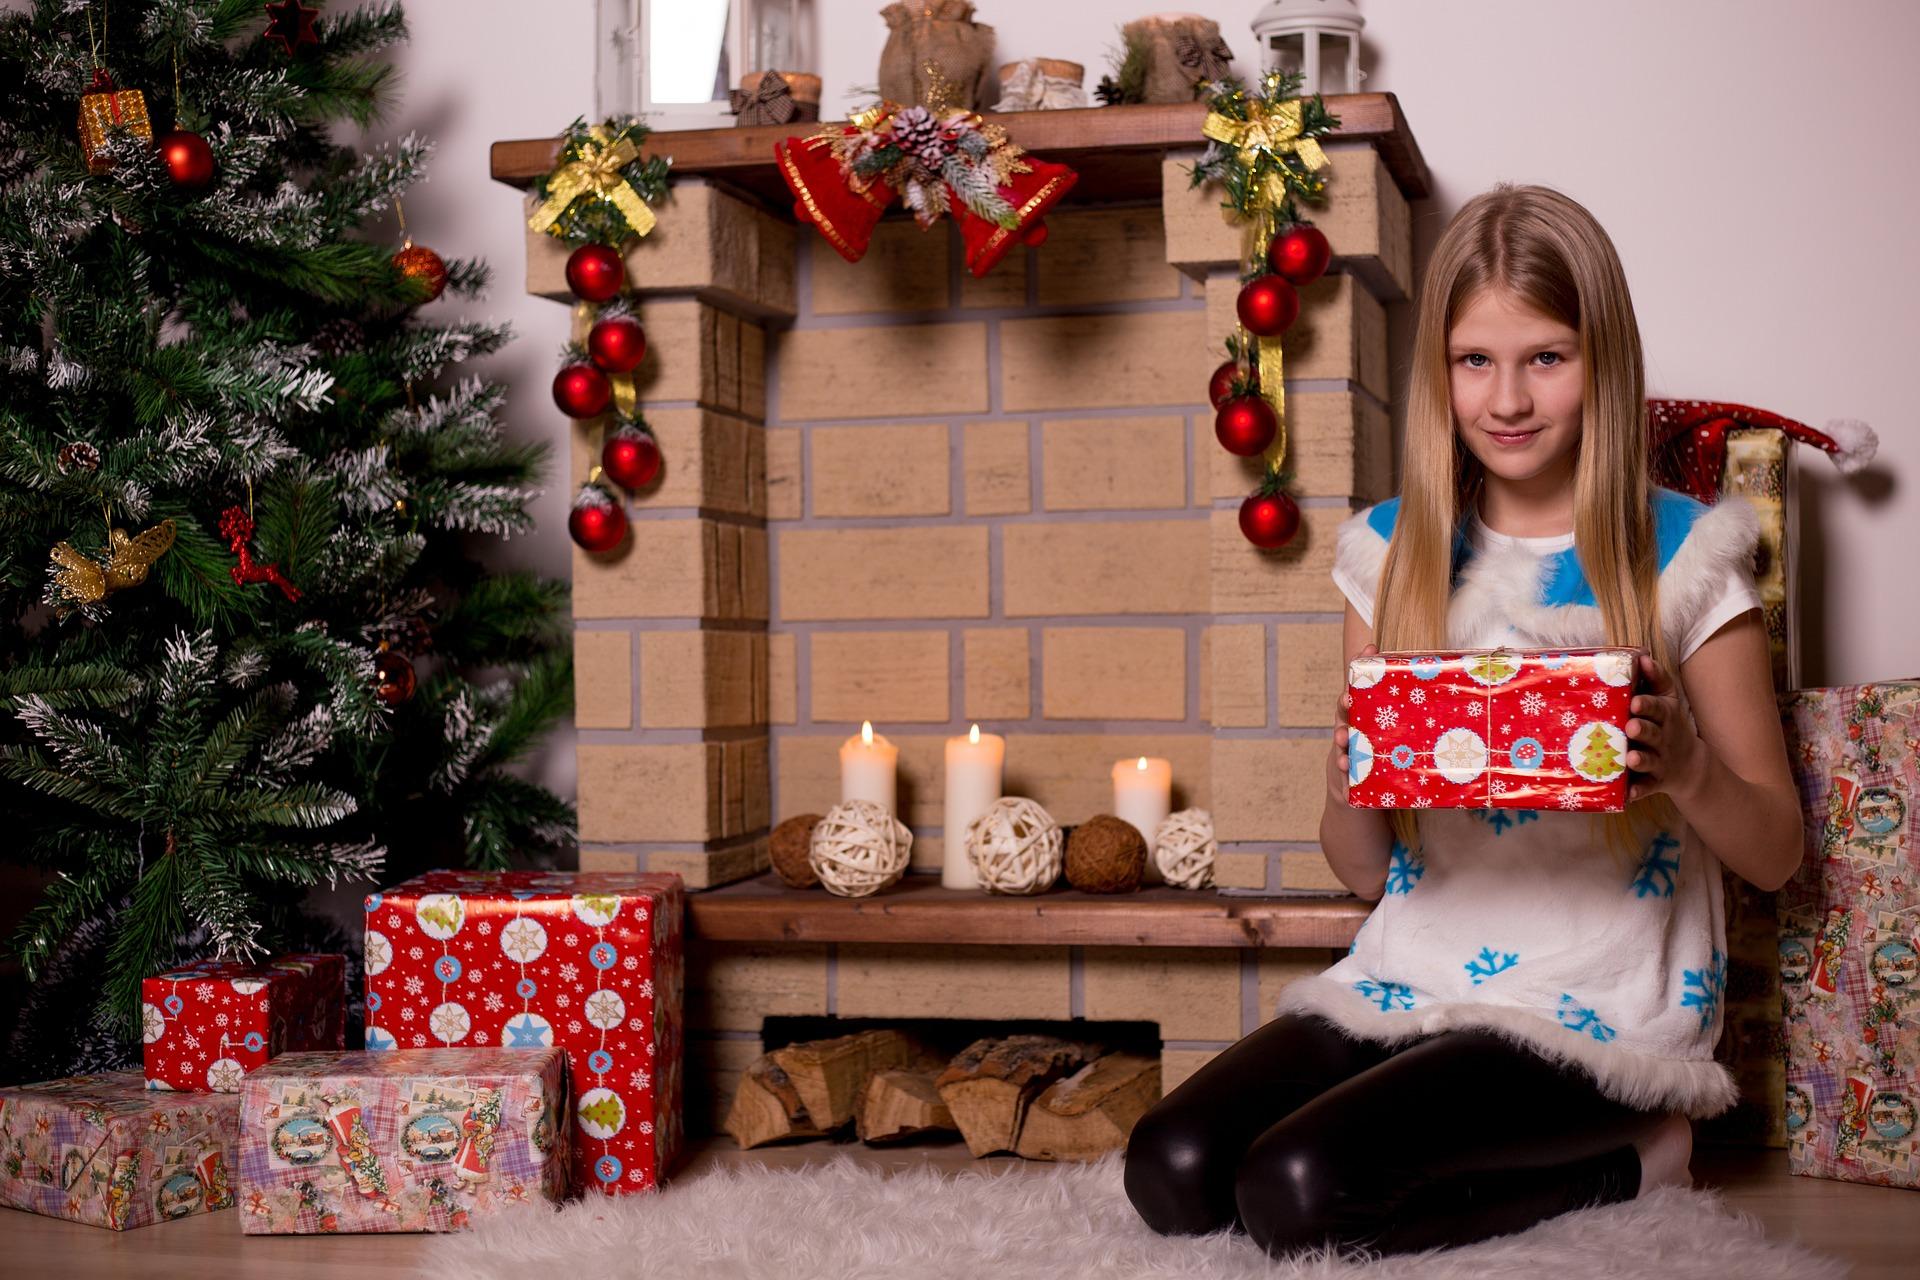 Regalos que puedes enviar a tus seres queridos en Navidad